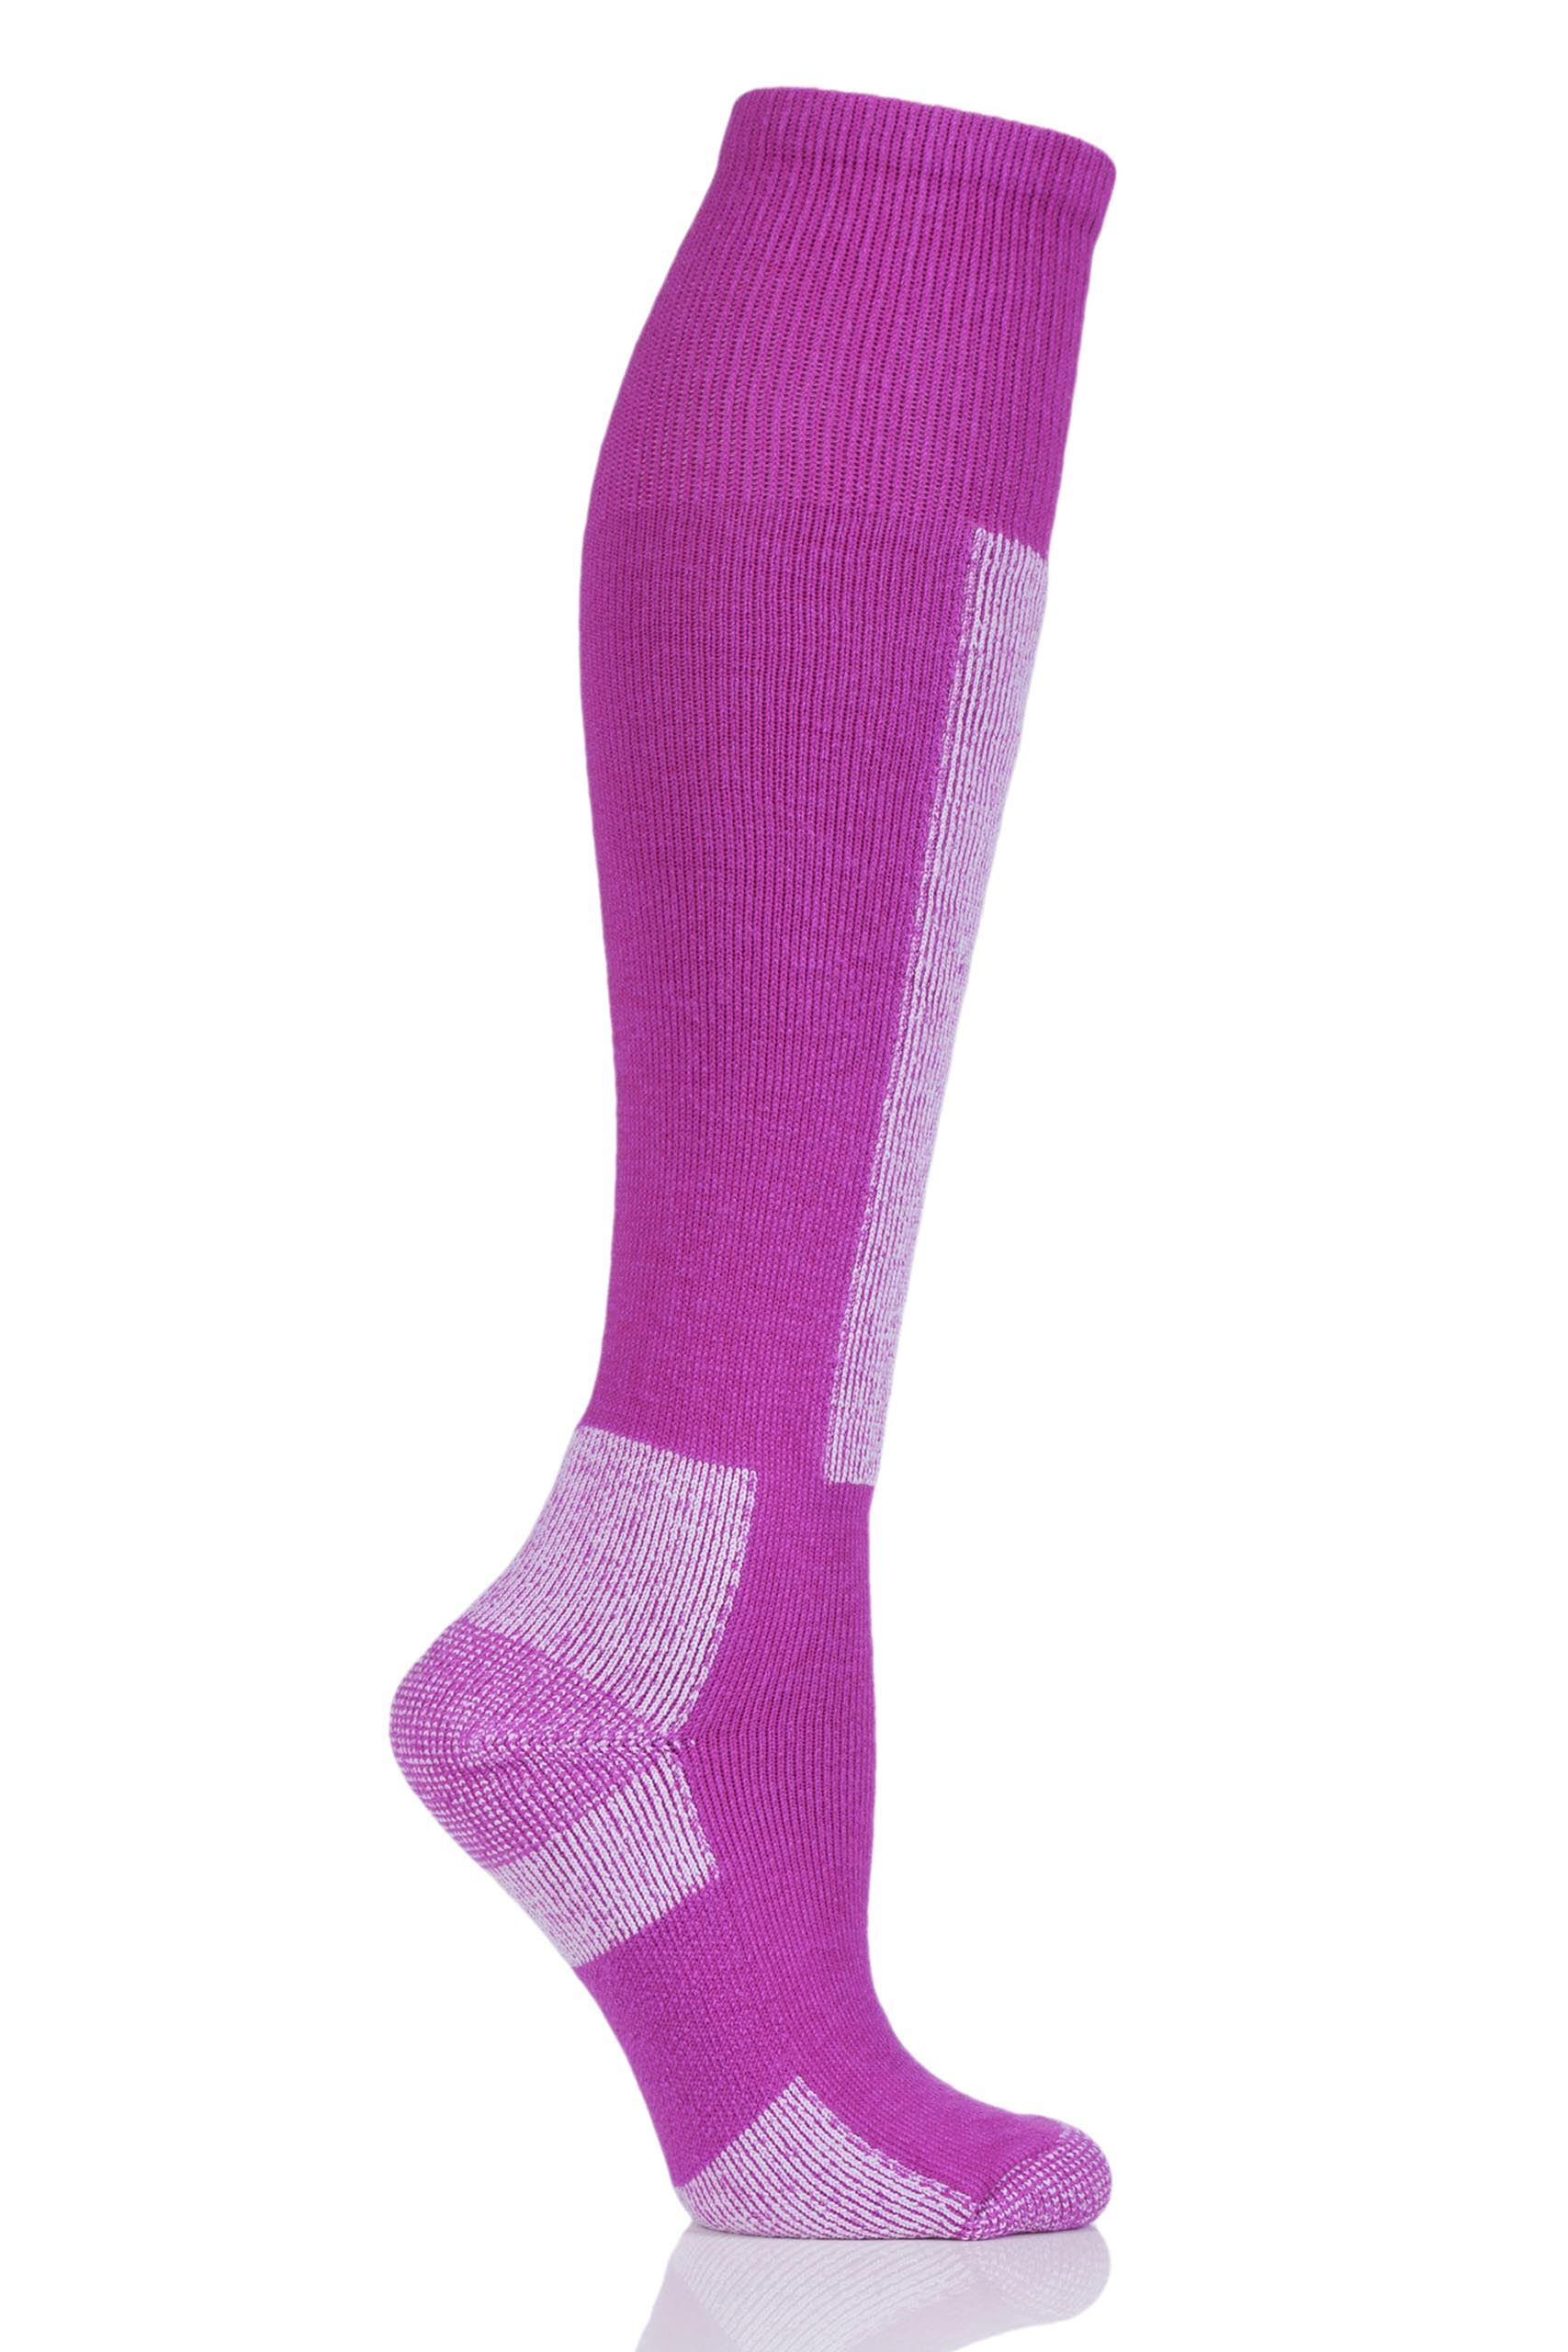 Image of 1 Pack Pink Lightweight Ski Socks Unisex 2.5-4.5 Unisex - Thorlos